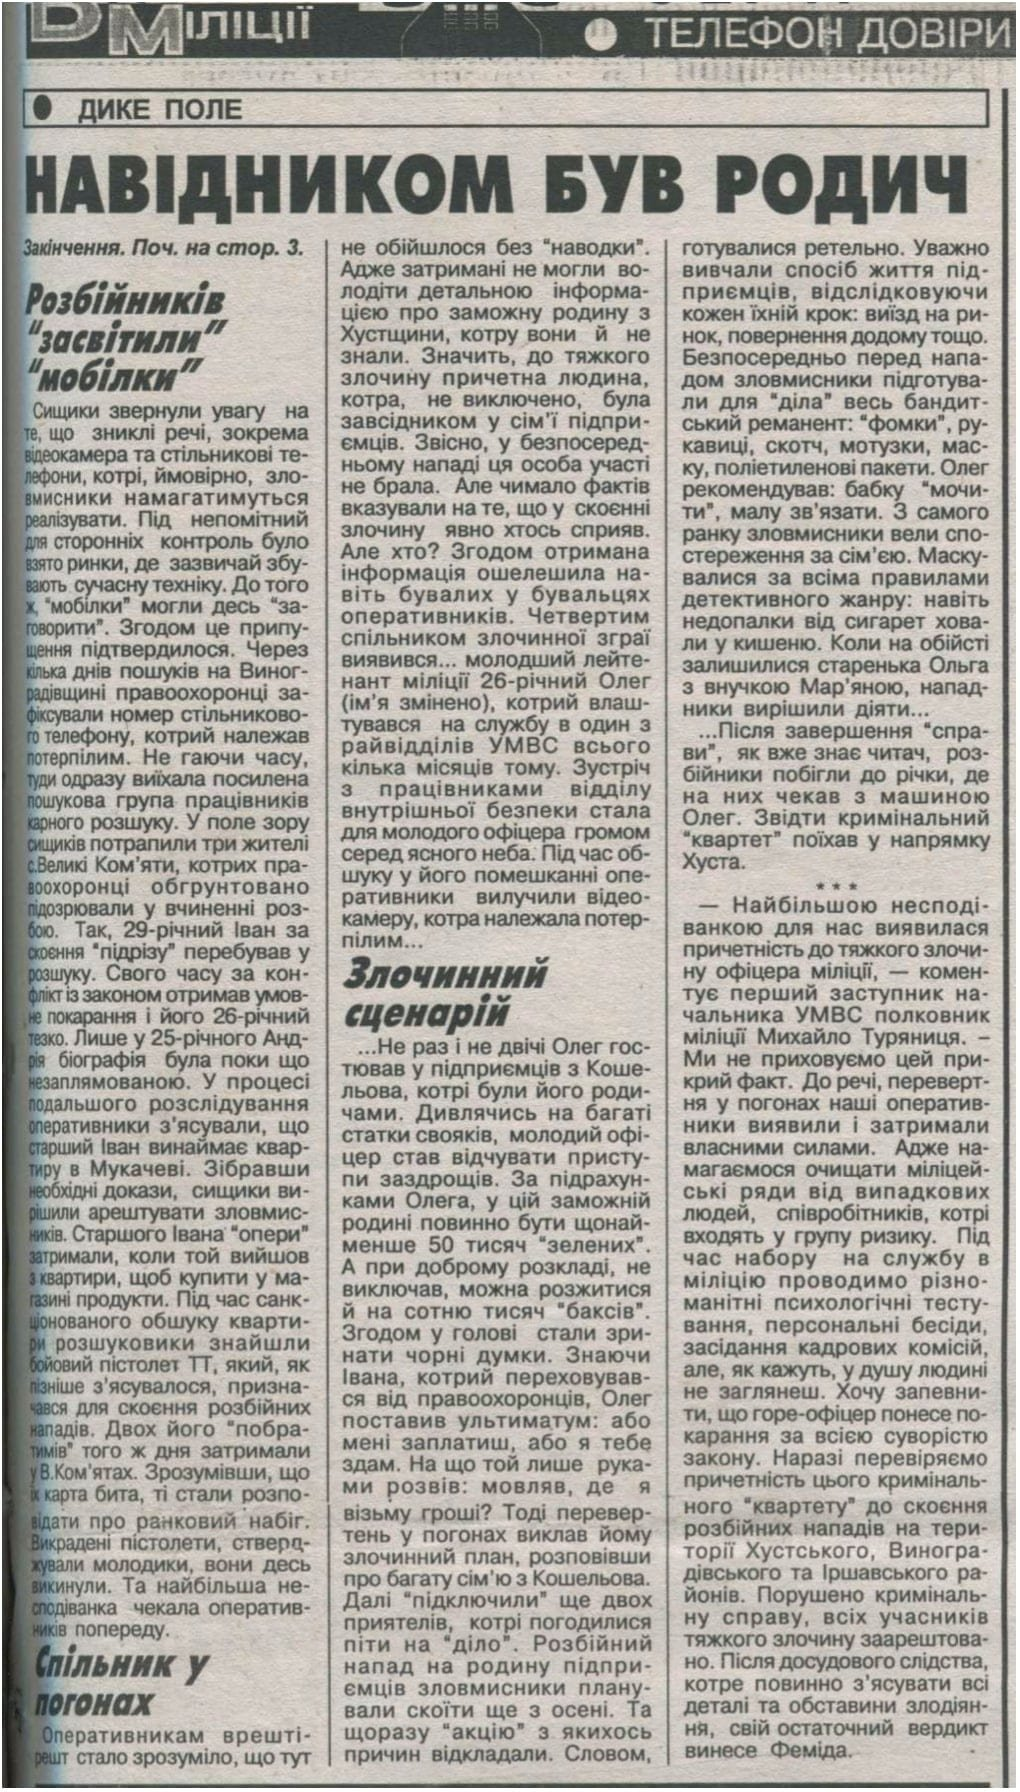 """Закарпатський активіст-вбивця організував провокацію-помсту прикрившись мовою: Вся правда про """"мовний конфлікт"""". Та хто такий активіст Волошин (ФОТО. ВІДЕО.ДОКУМЕНТ)"""